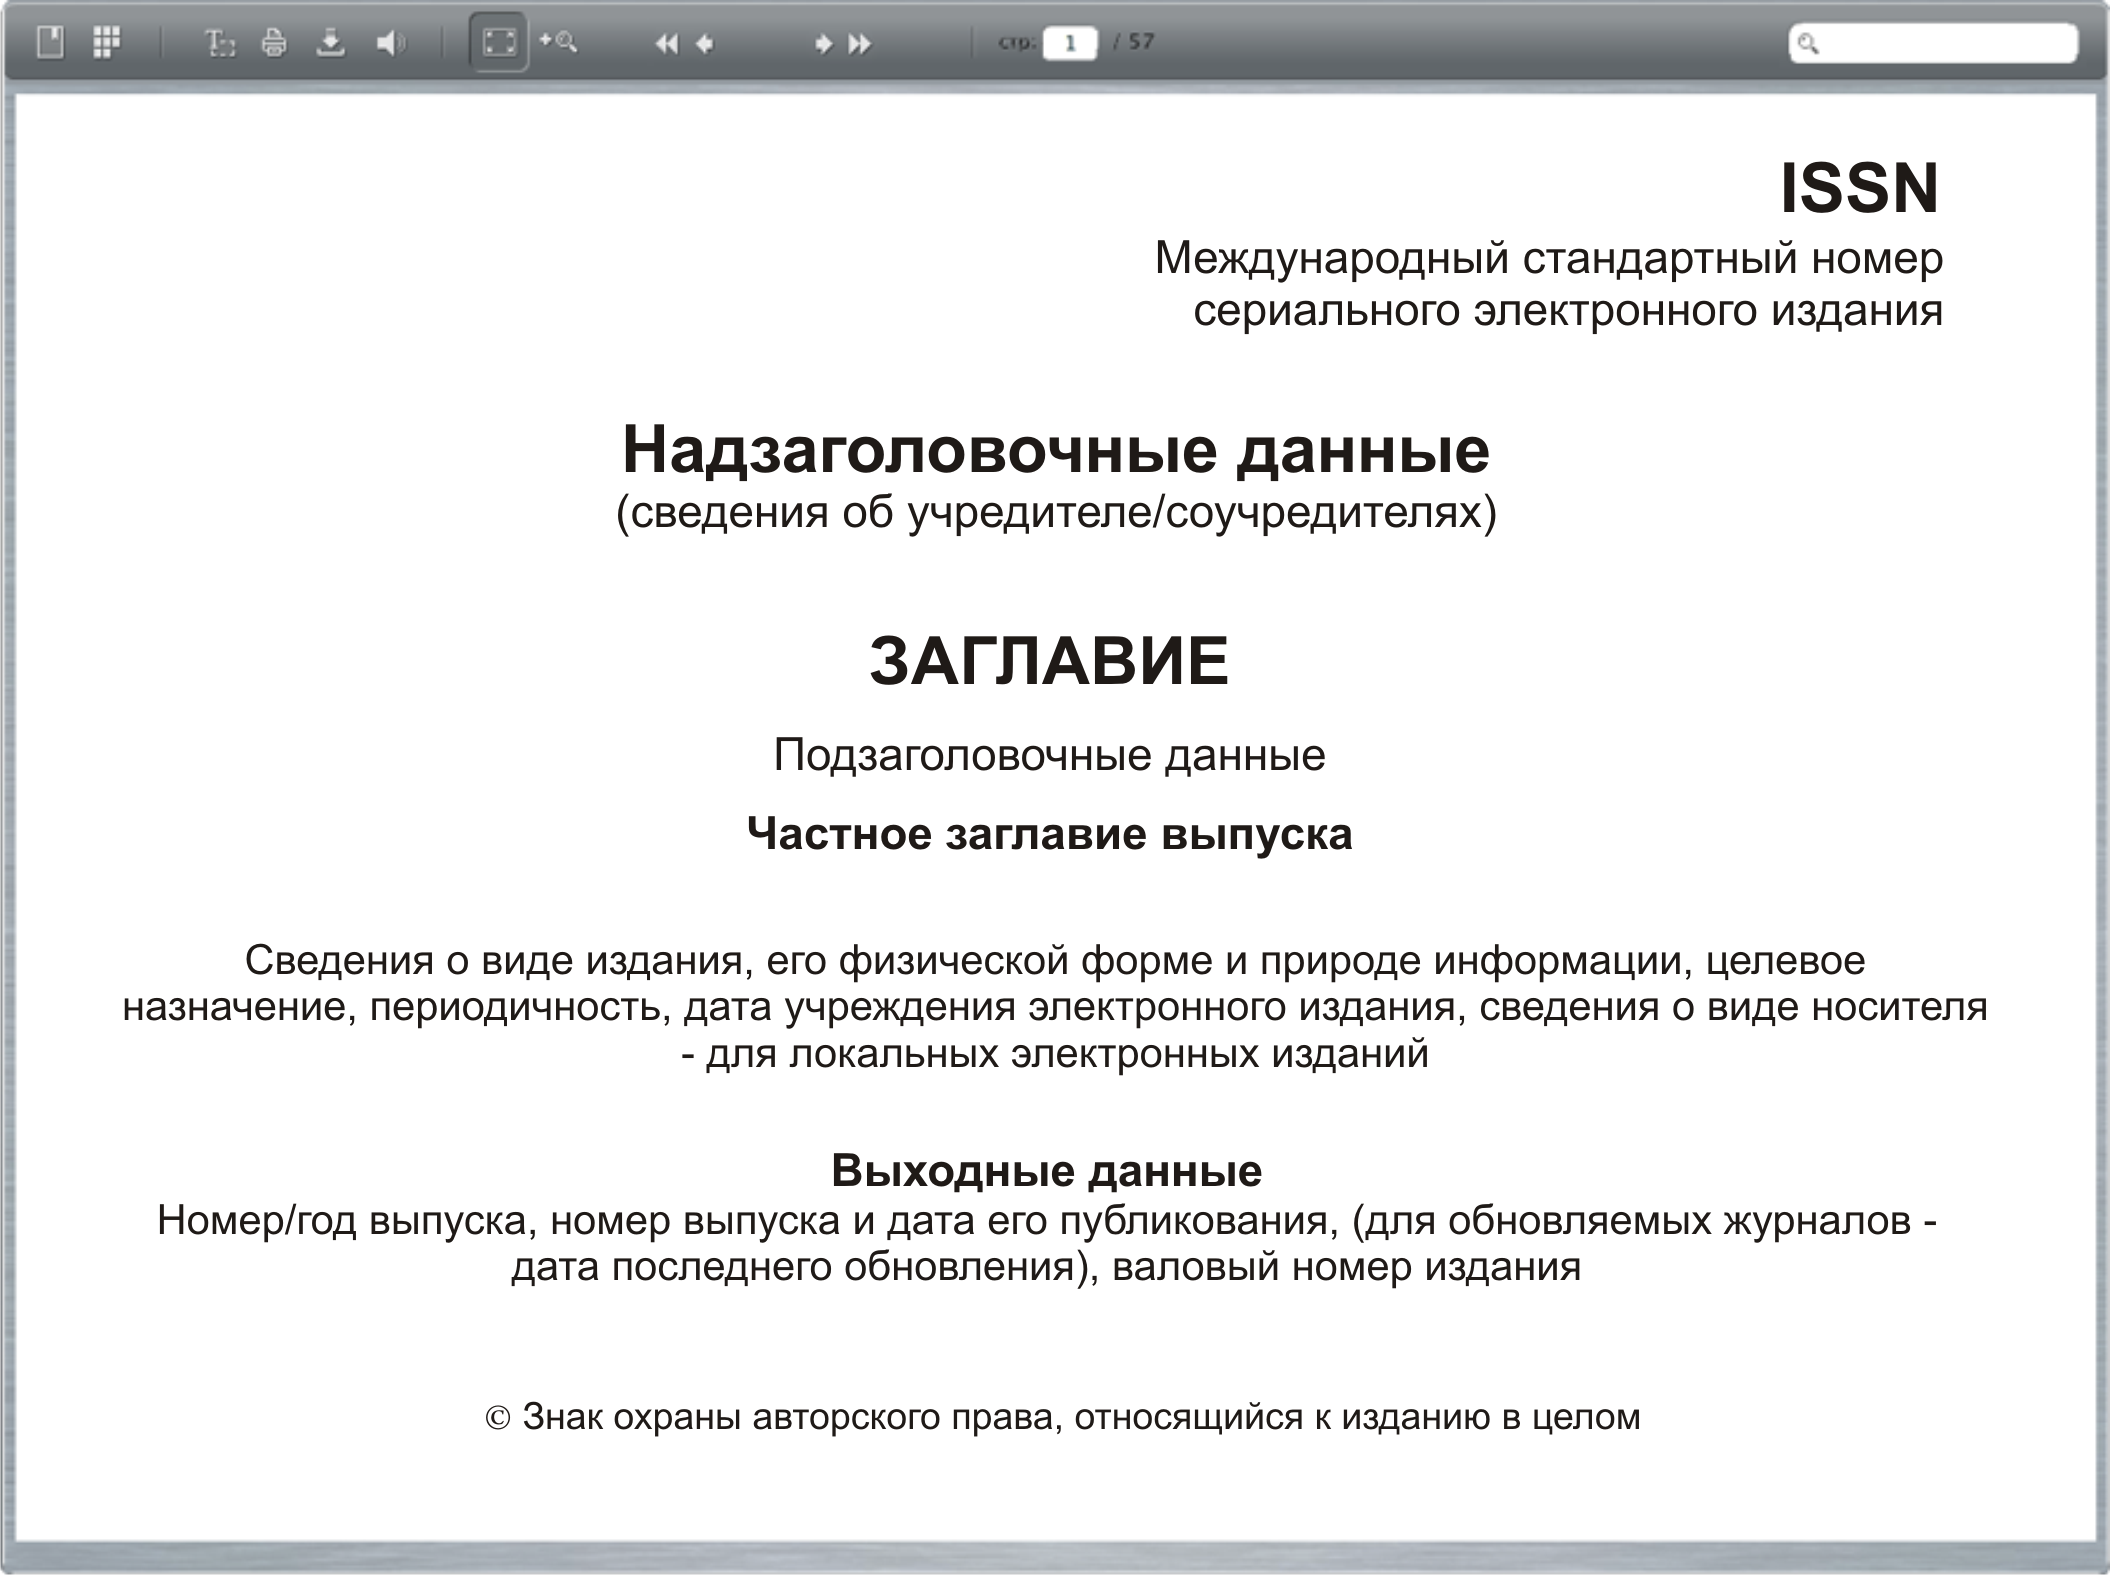 Электронные издания. Титульный экран